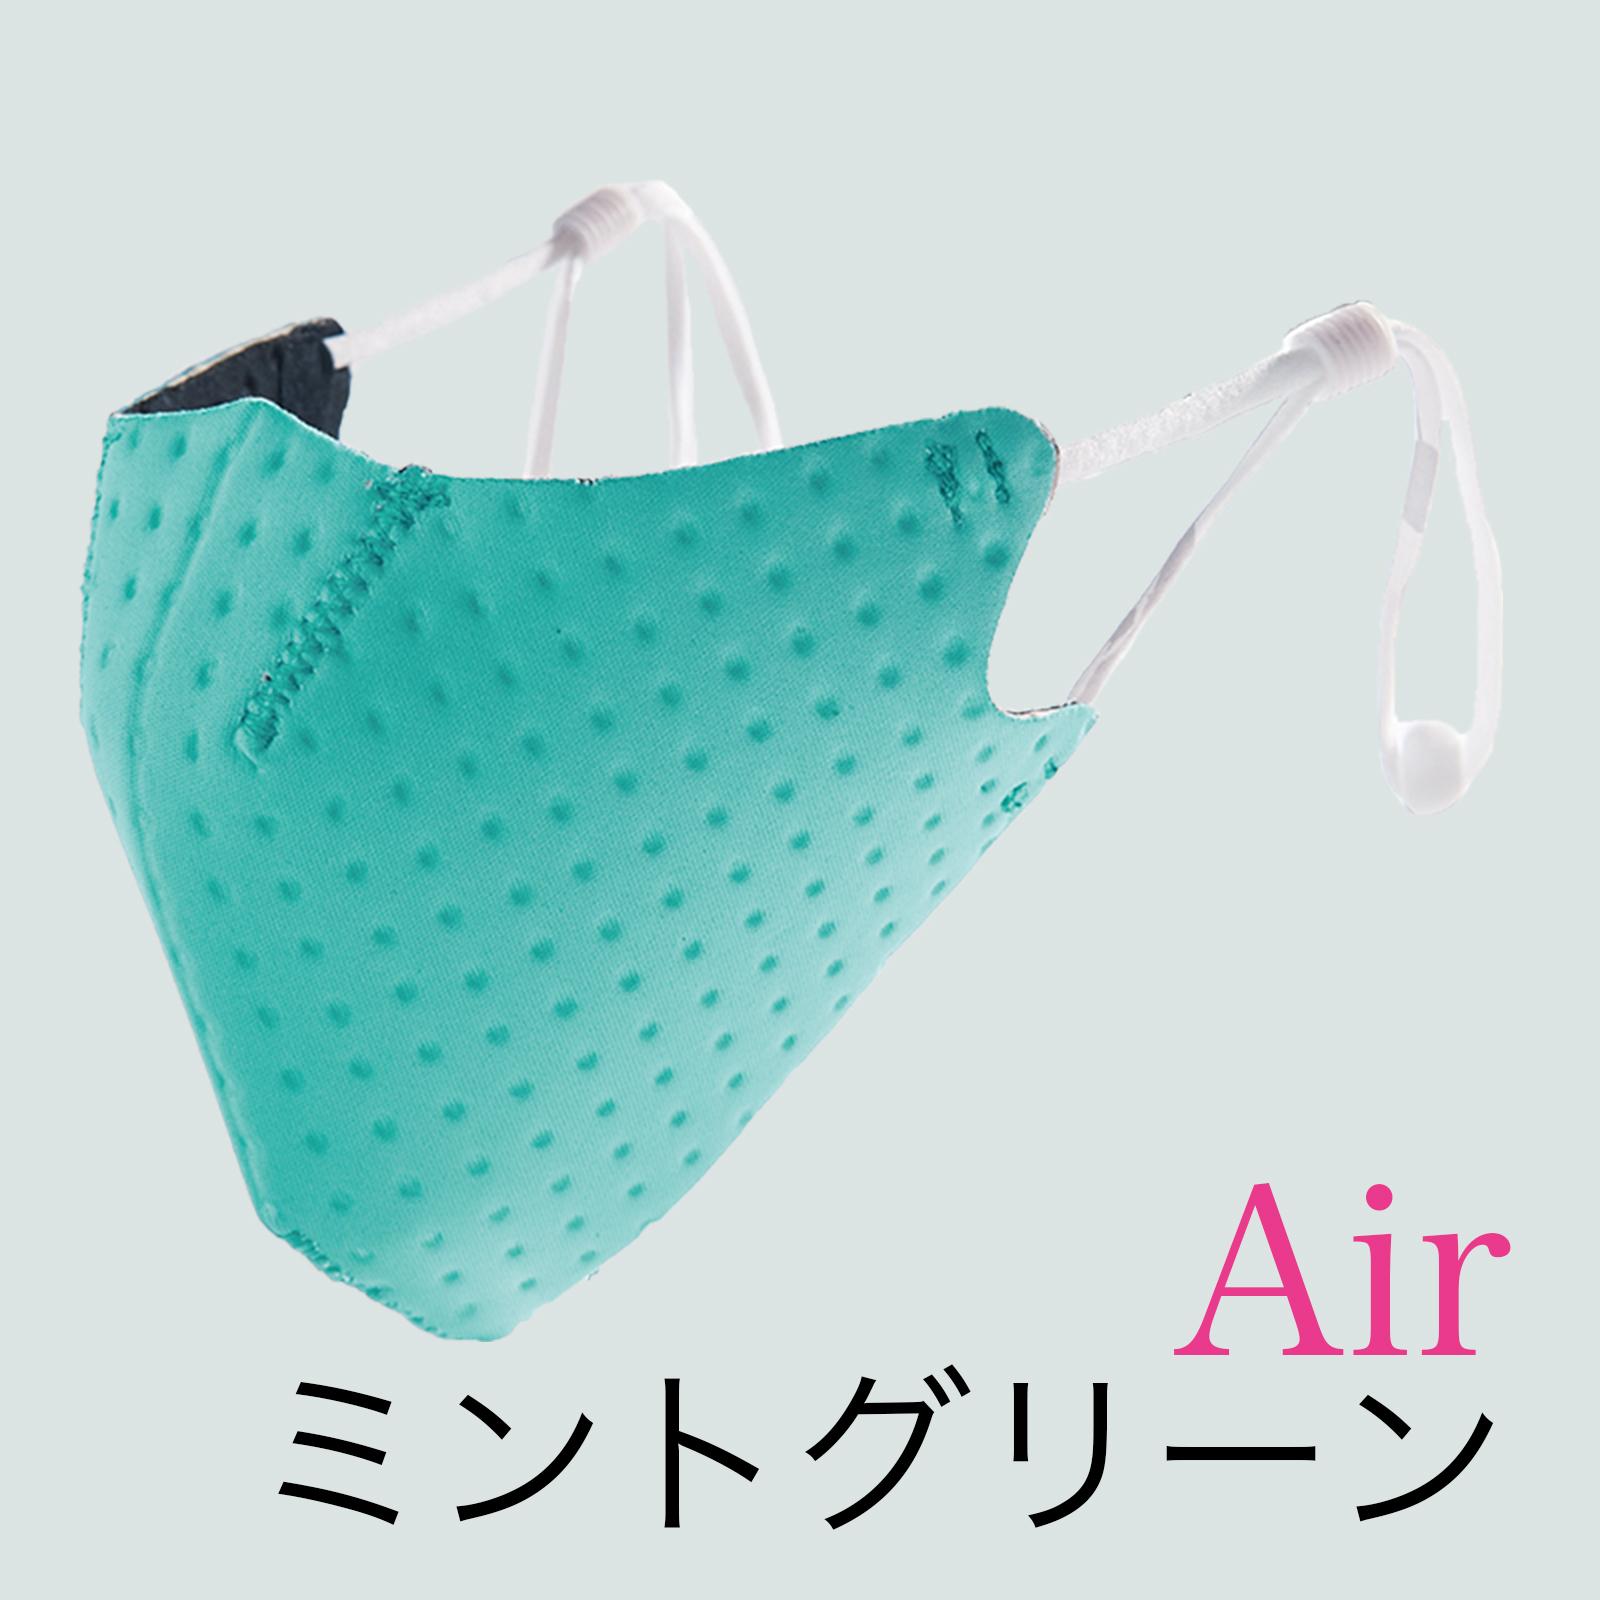 【5個セット】呼吸 Co-que Air【5%OFF】【選べるカラー】【送料無料】